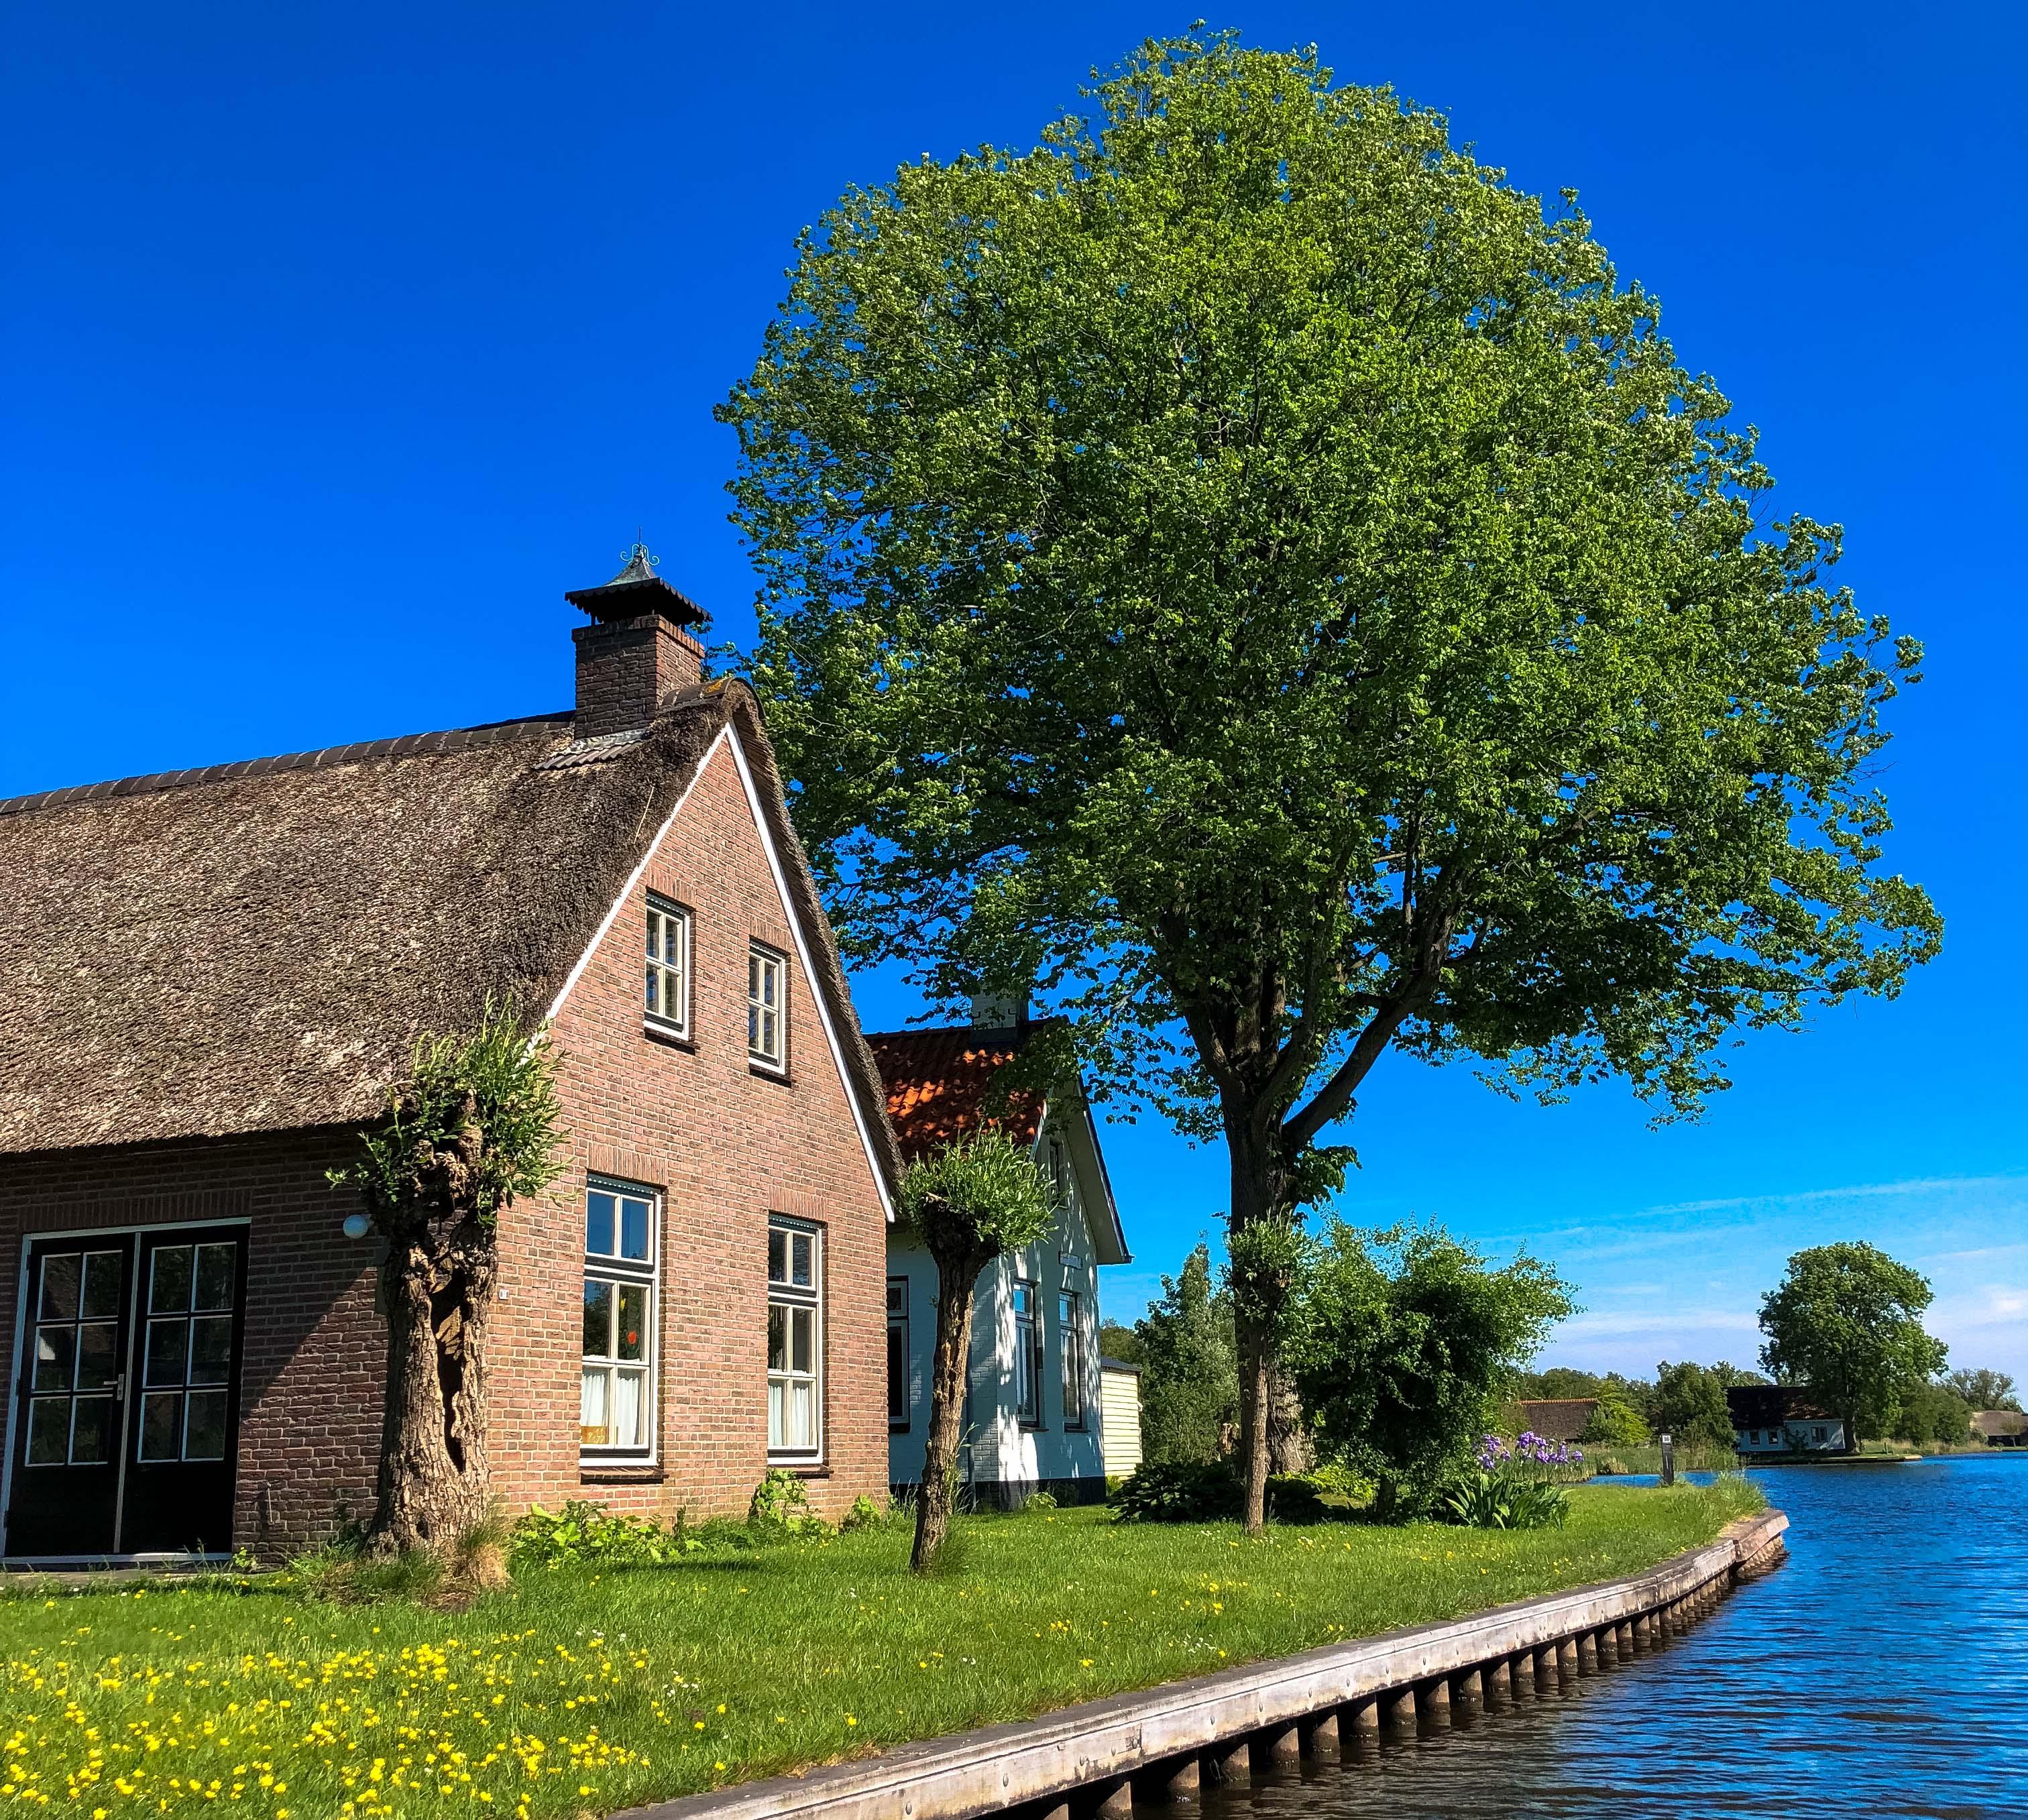 Weerribben-Wieden, Nationalpark, Kanutour, Holland, Reiseblog,